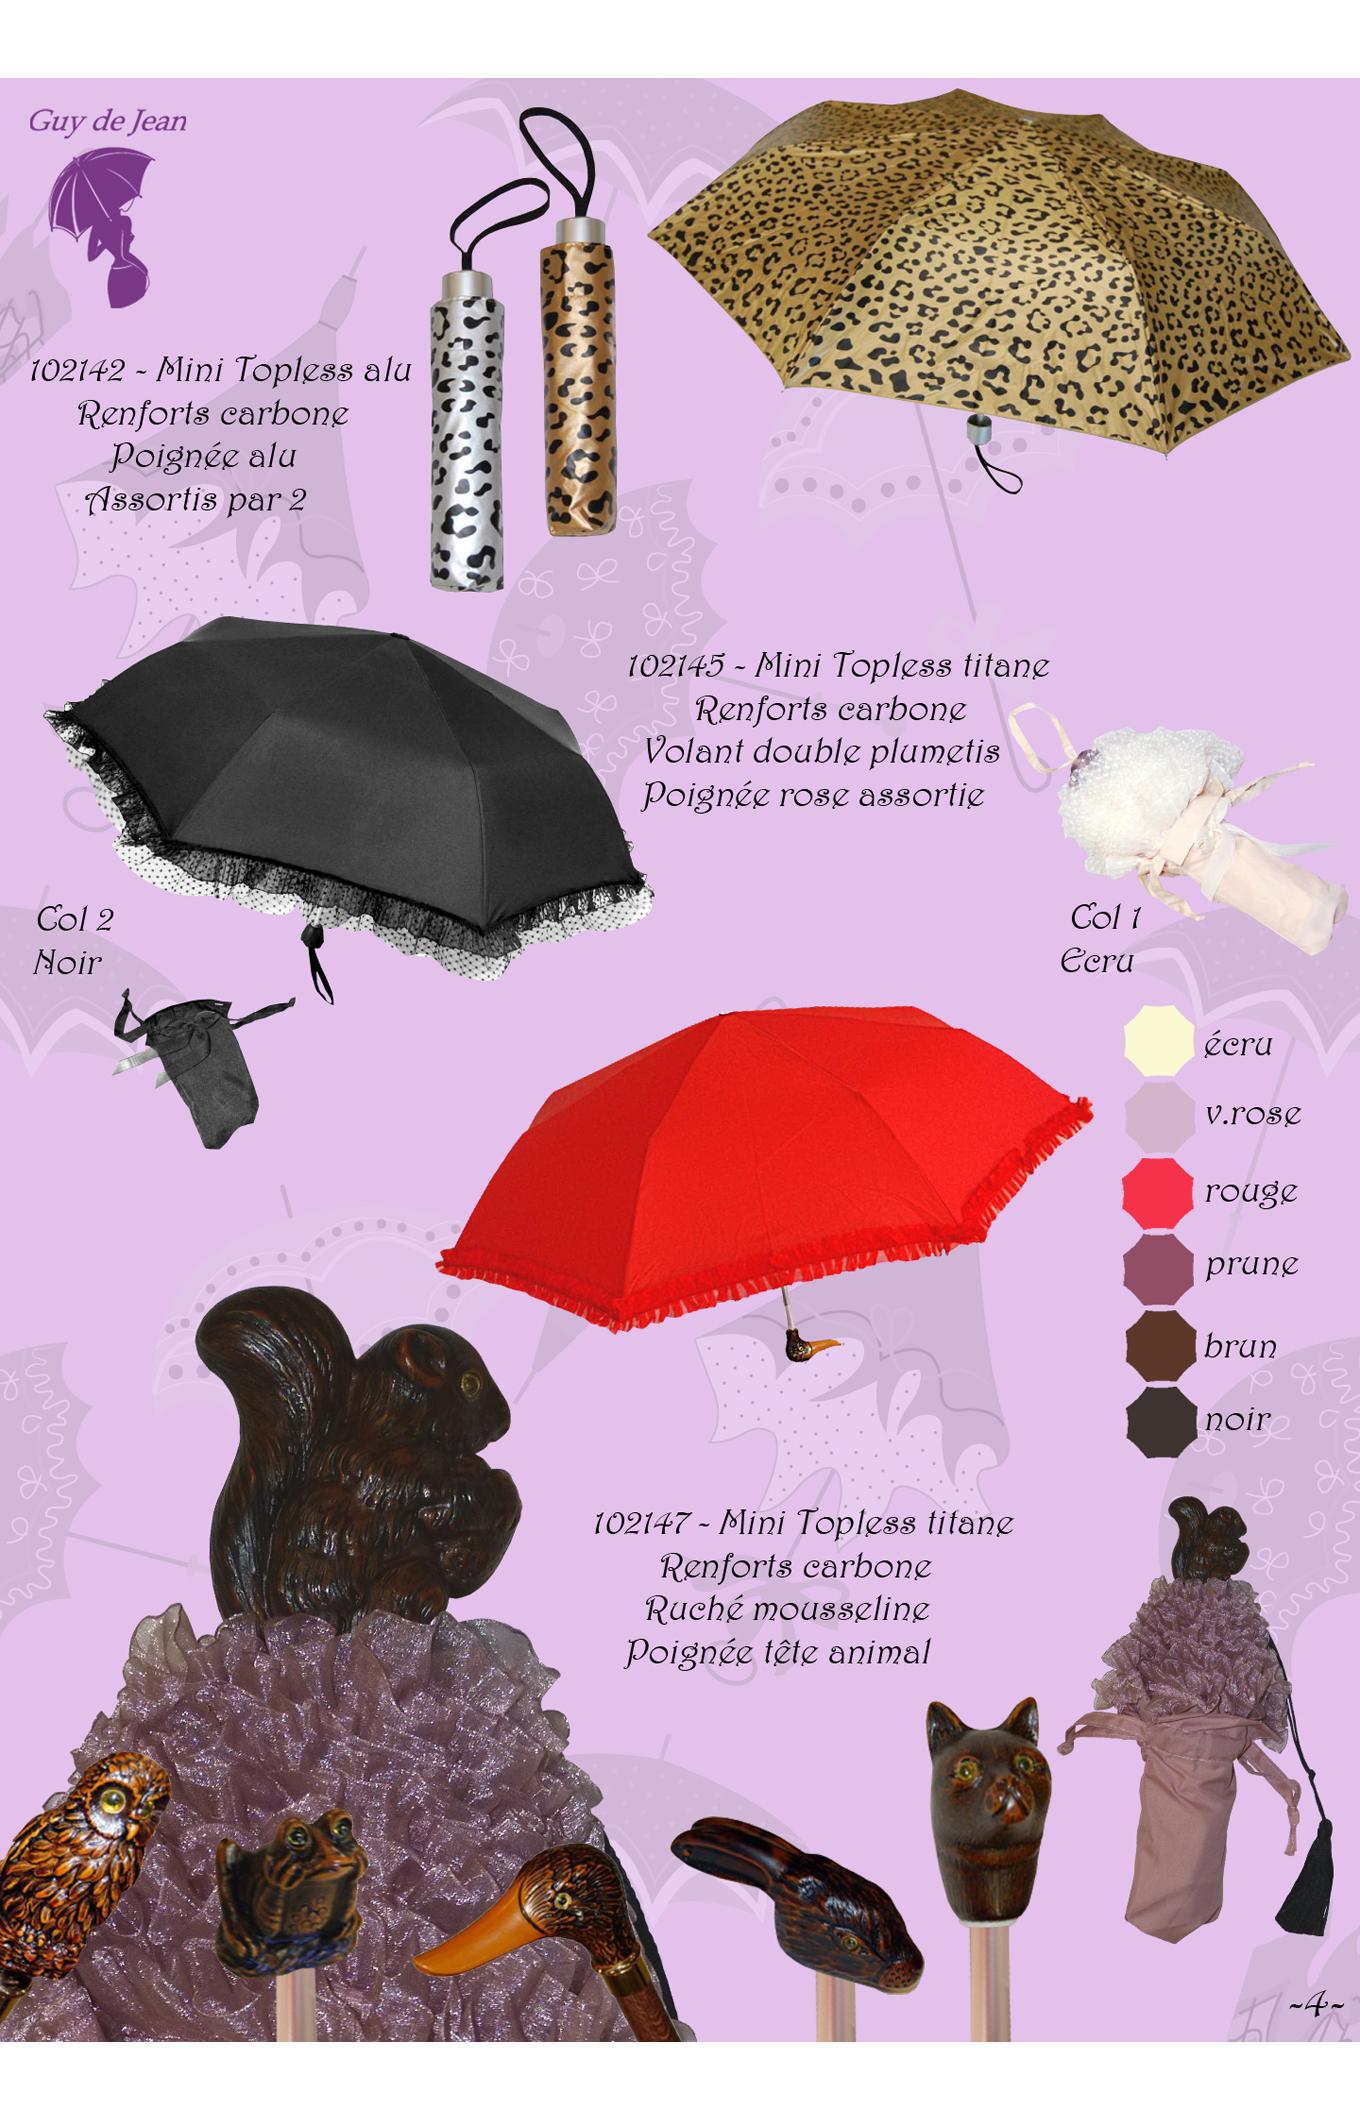 Guy de Jean <br>Umbrella 11